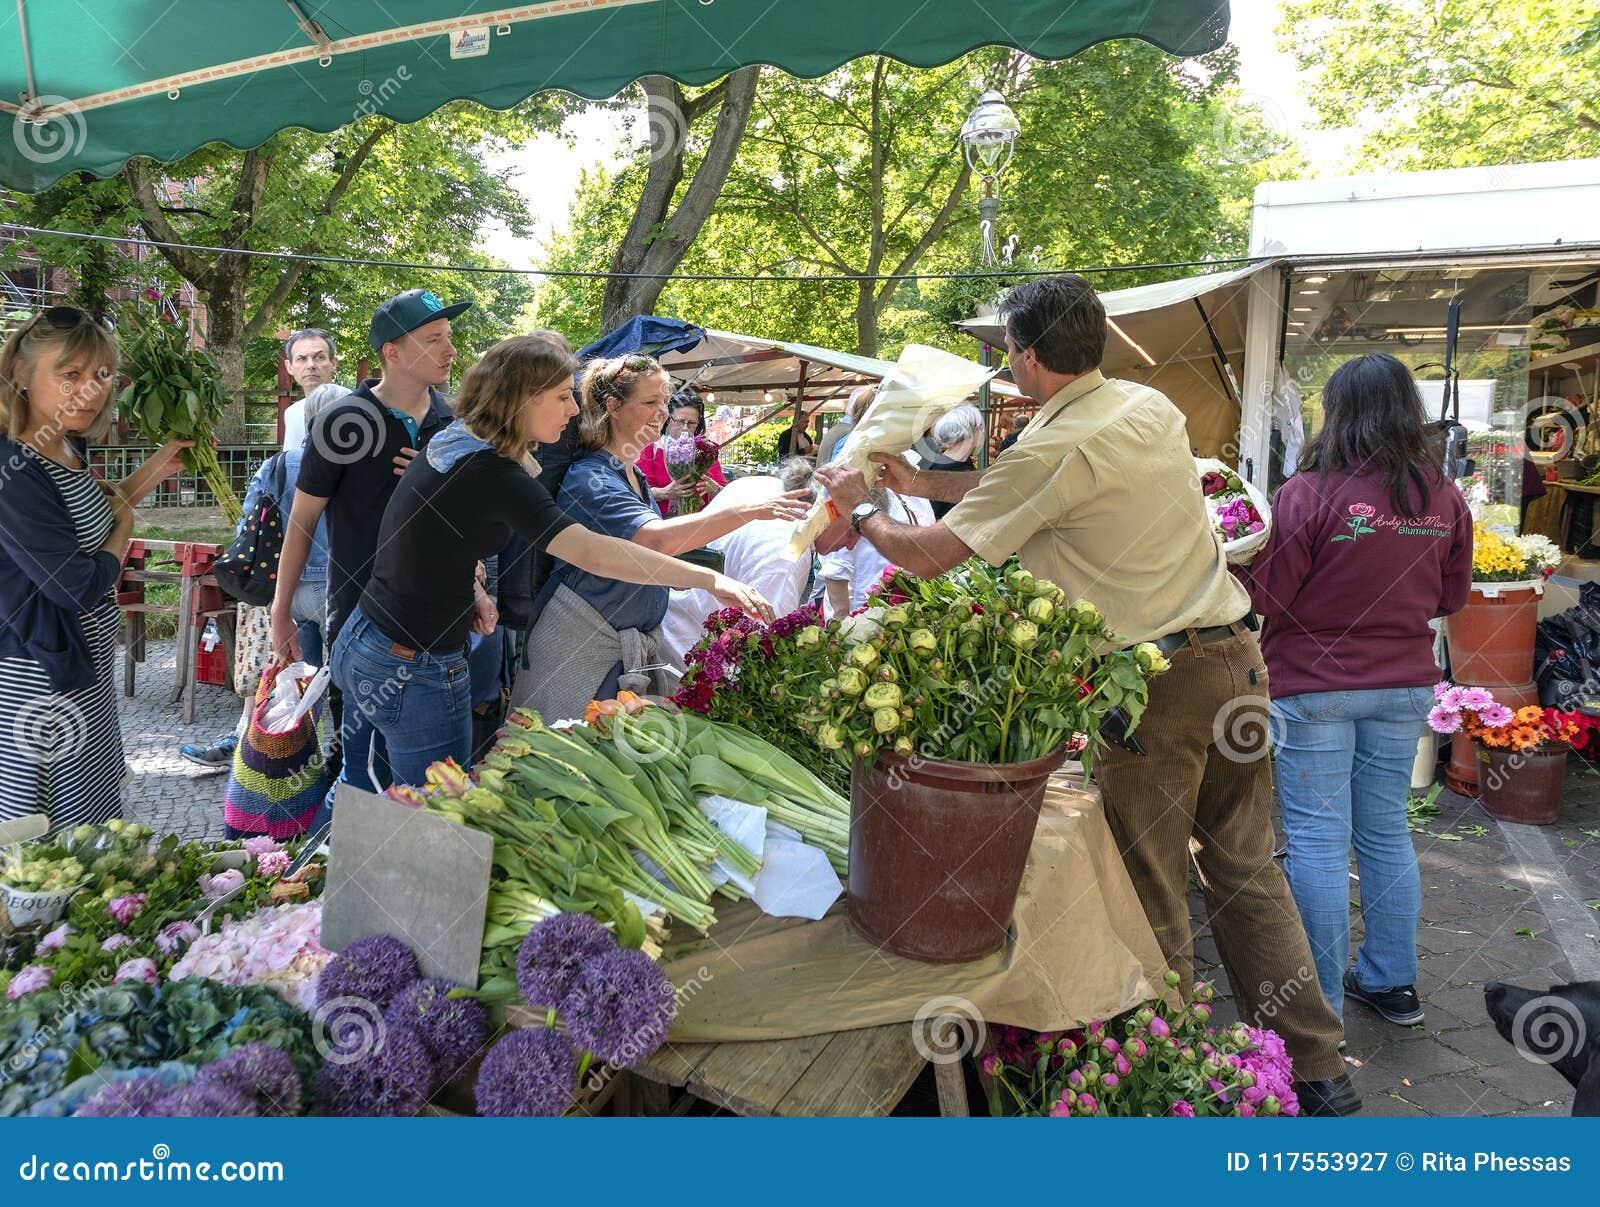 Blumenmann 19-5-2018 Berlin Germanys A in seinem Stall auf dem Markt verkauft seine Blumen an seine Kunden, an einem sonnigen war